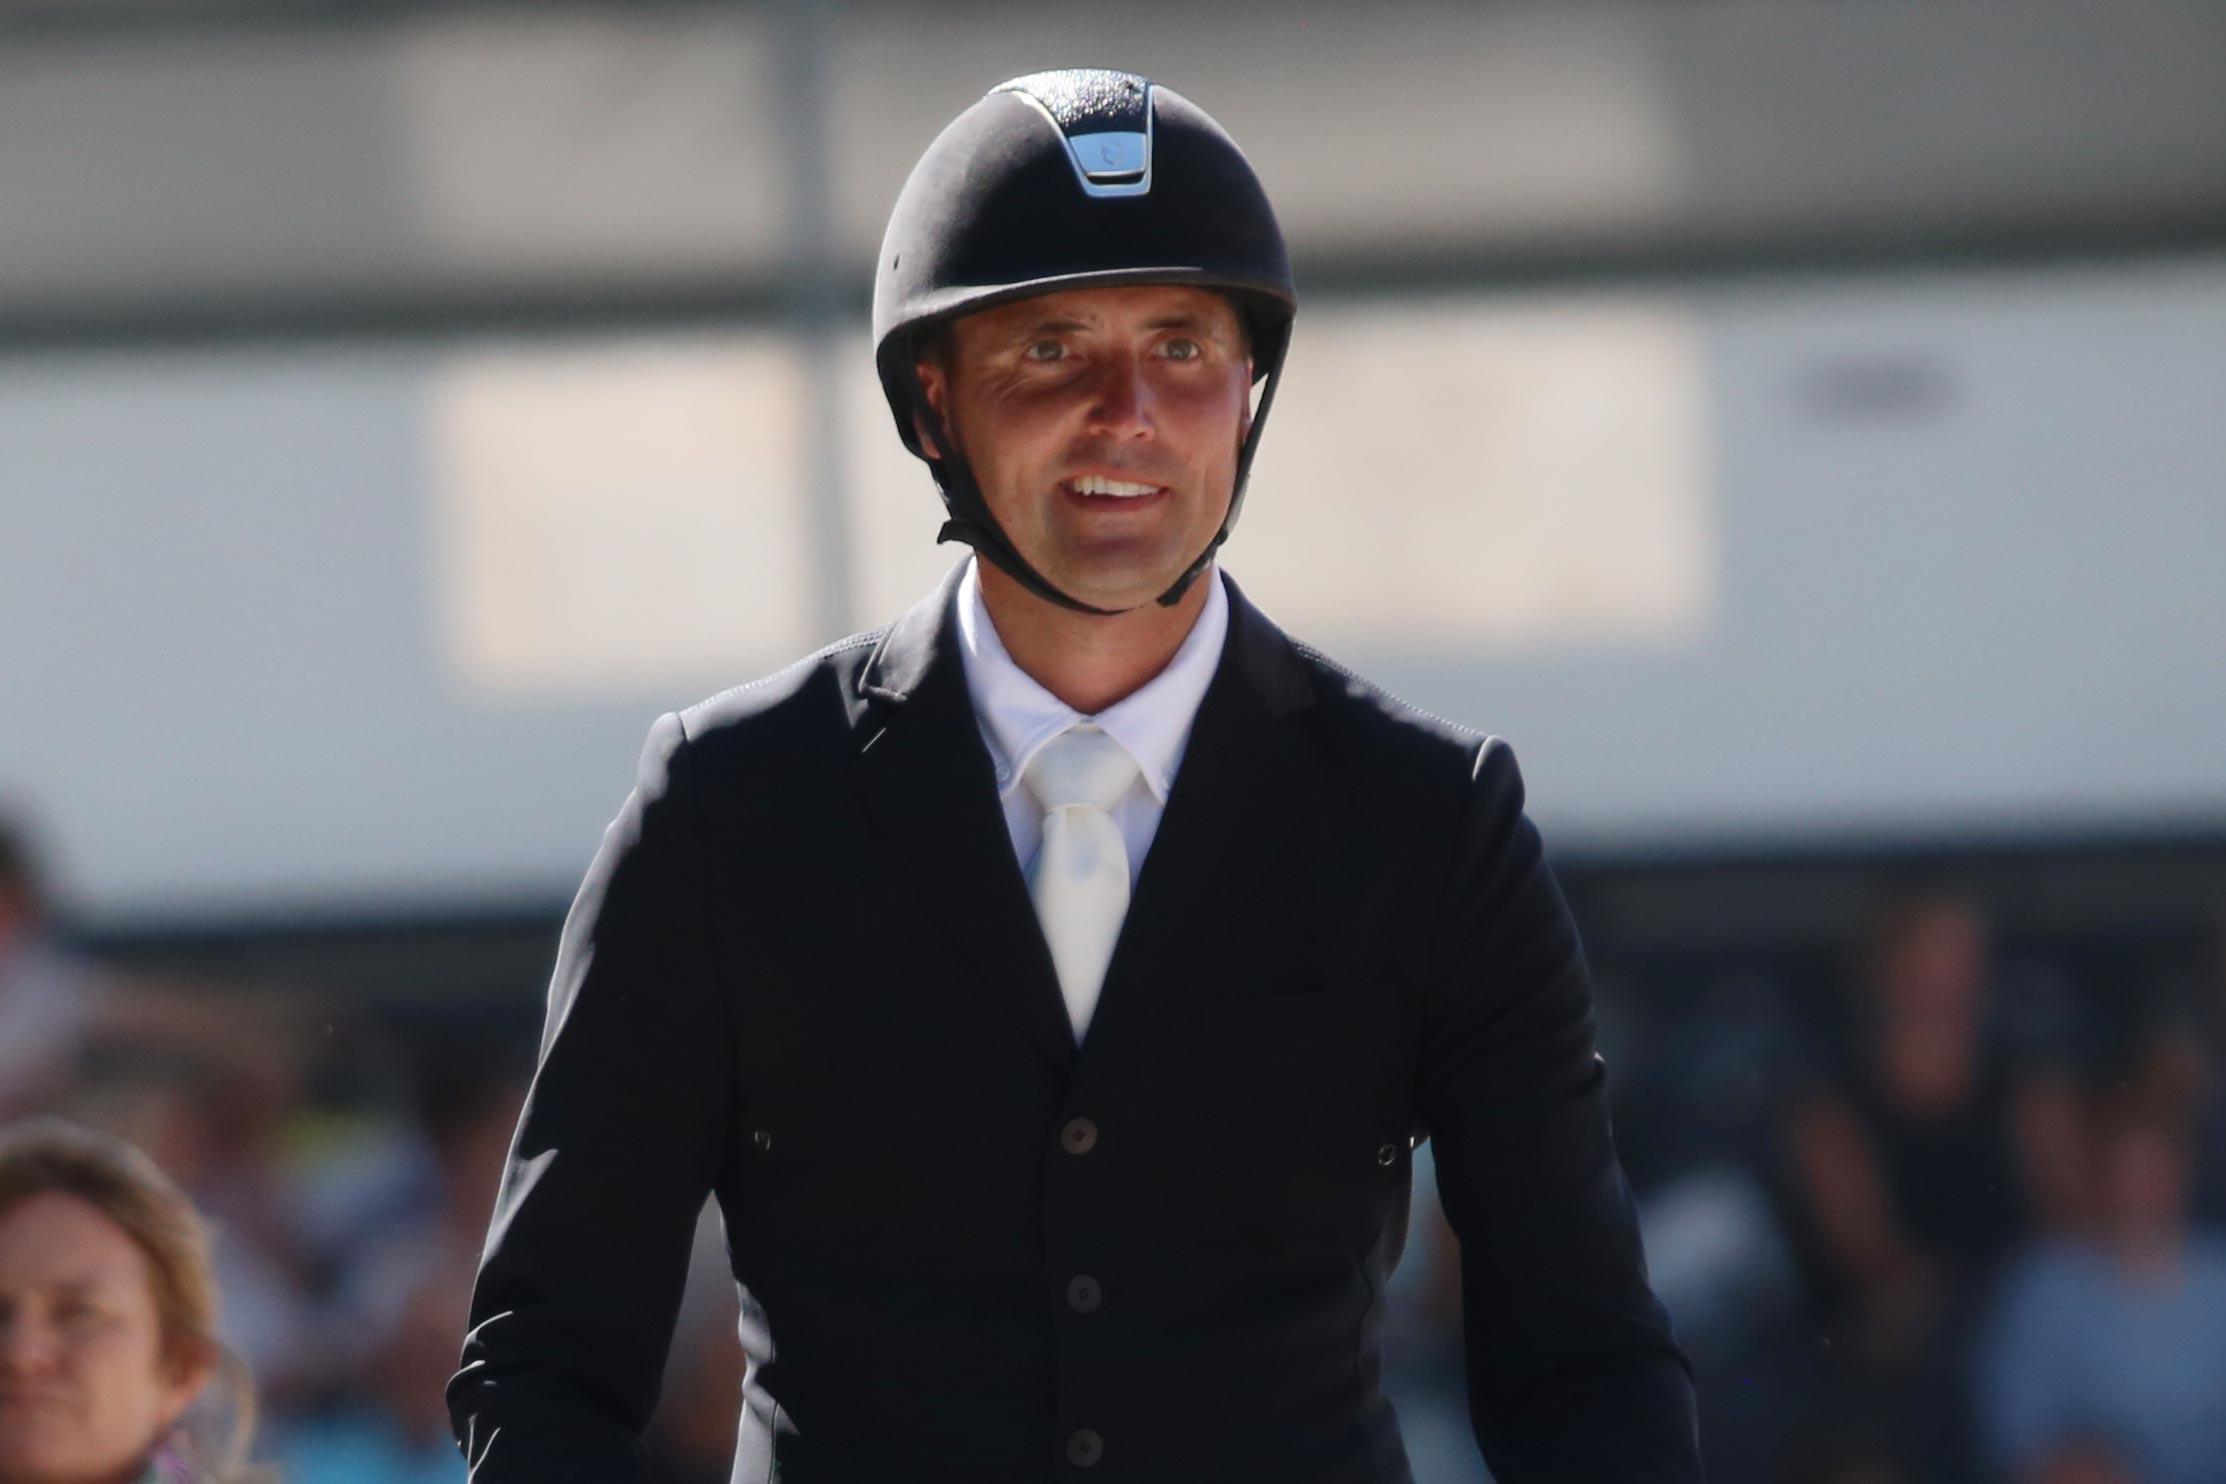 Unghäst-VM Ermelo 2018. Andreas Helgstrand - Ferrari OLD (Foundation 2-Blue Hors Hotline)